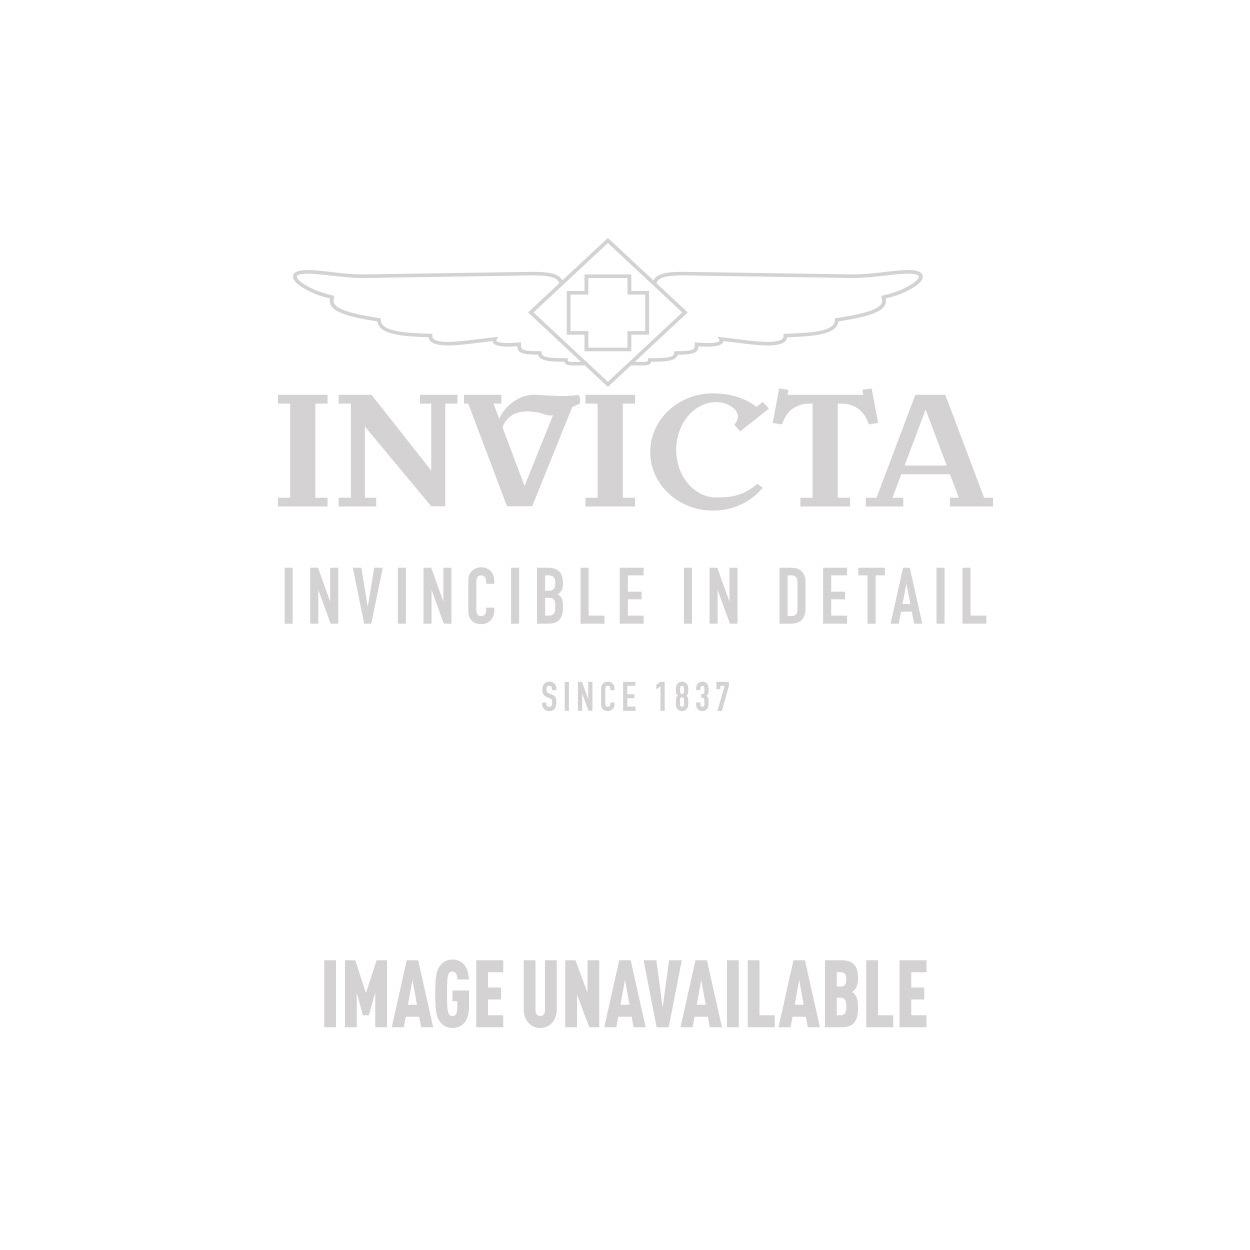 Invicta Model 27964